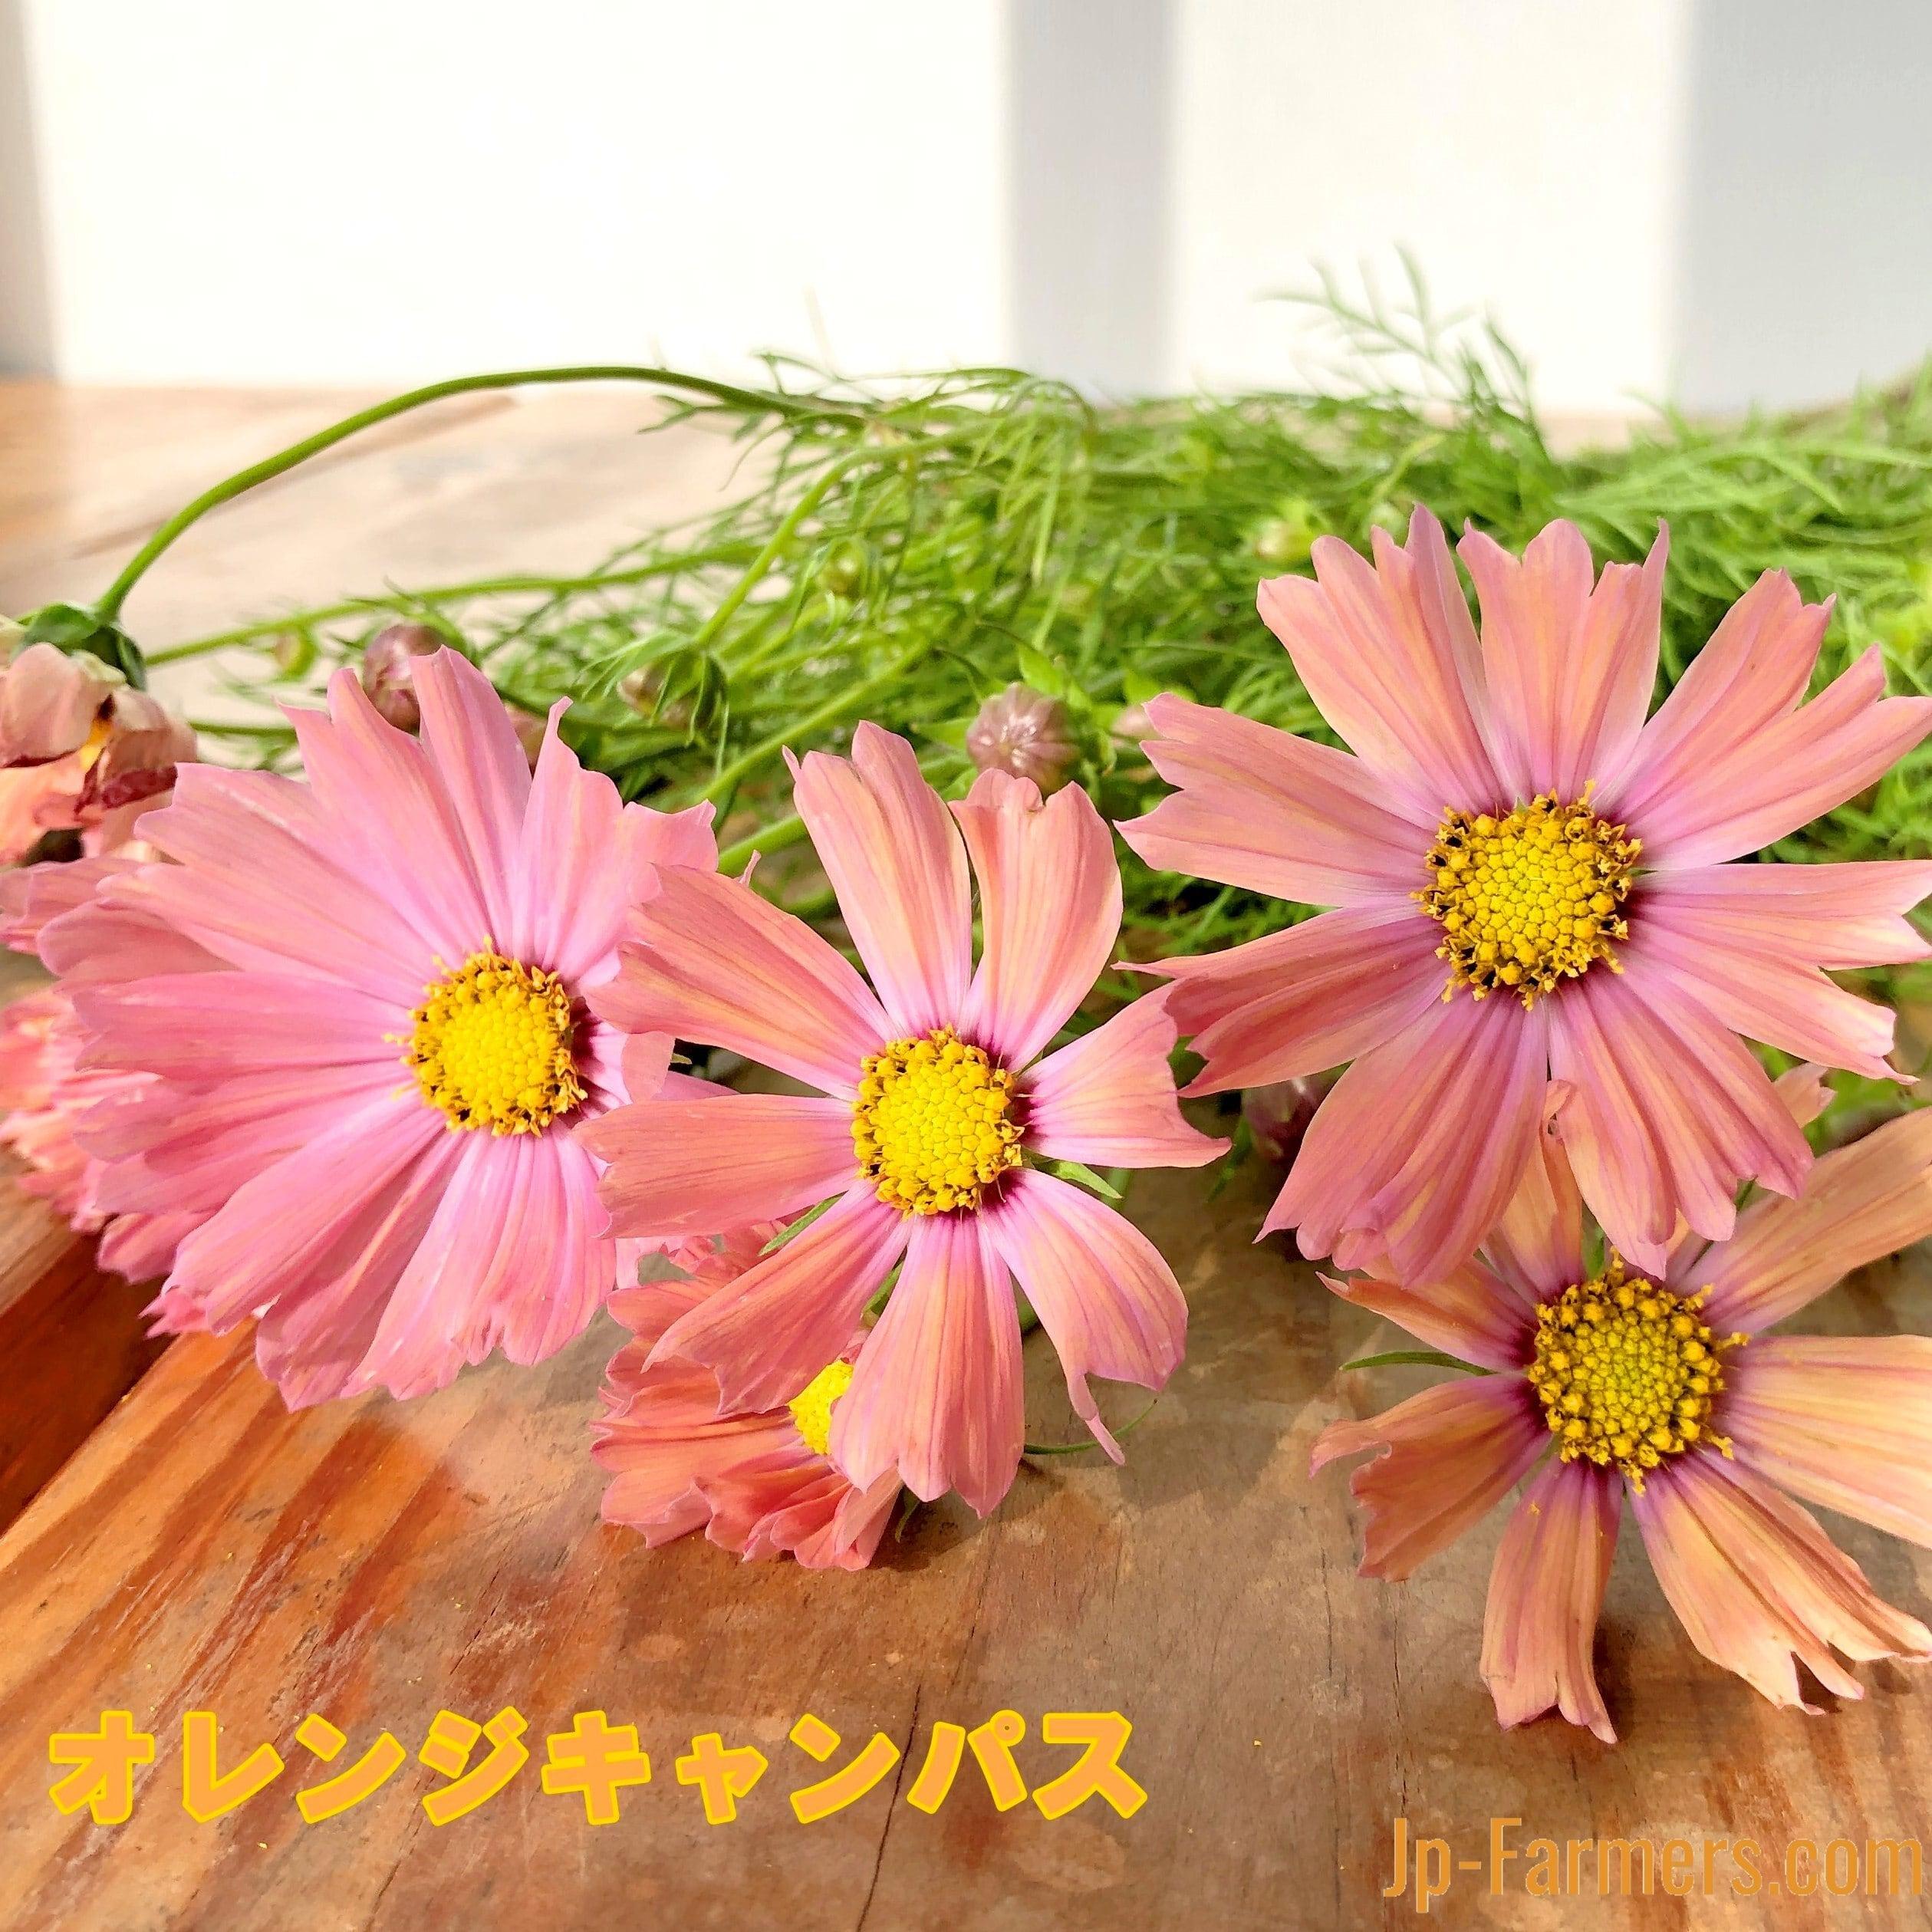 季節限定!秋の花はやっぱり秋桜(コスモス)!色々な品種から選べます 20本